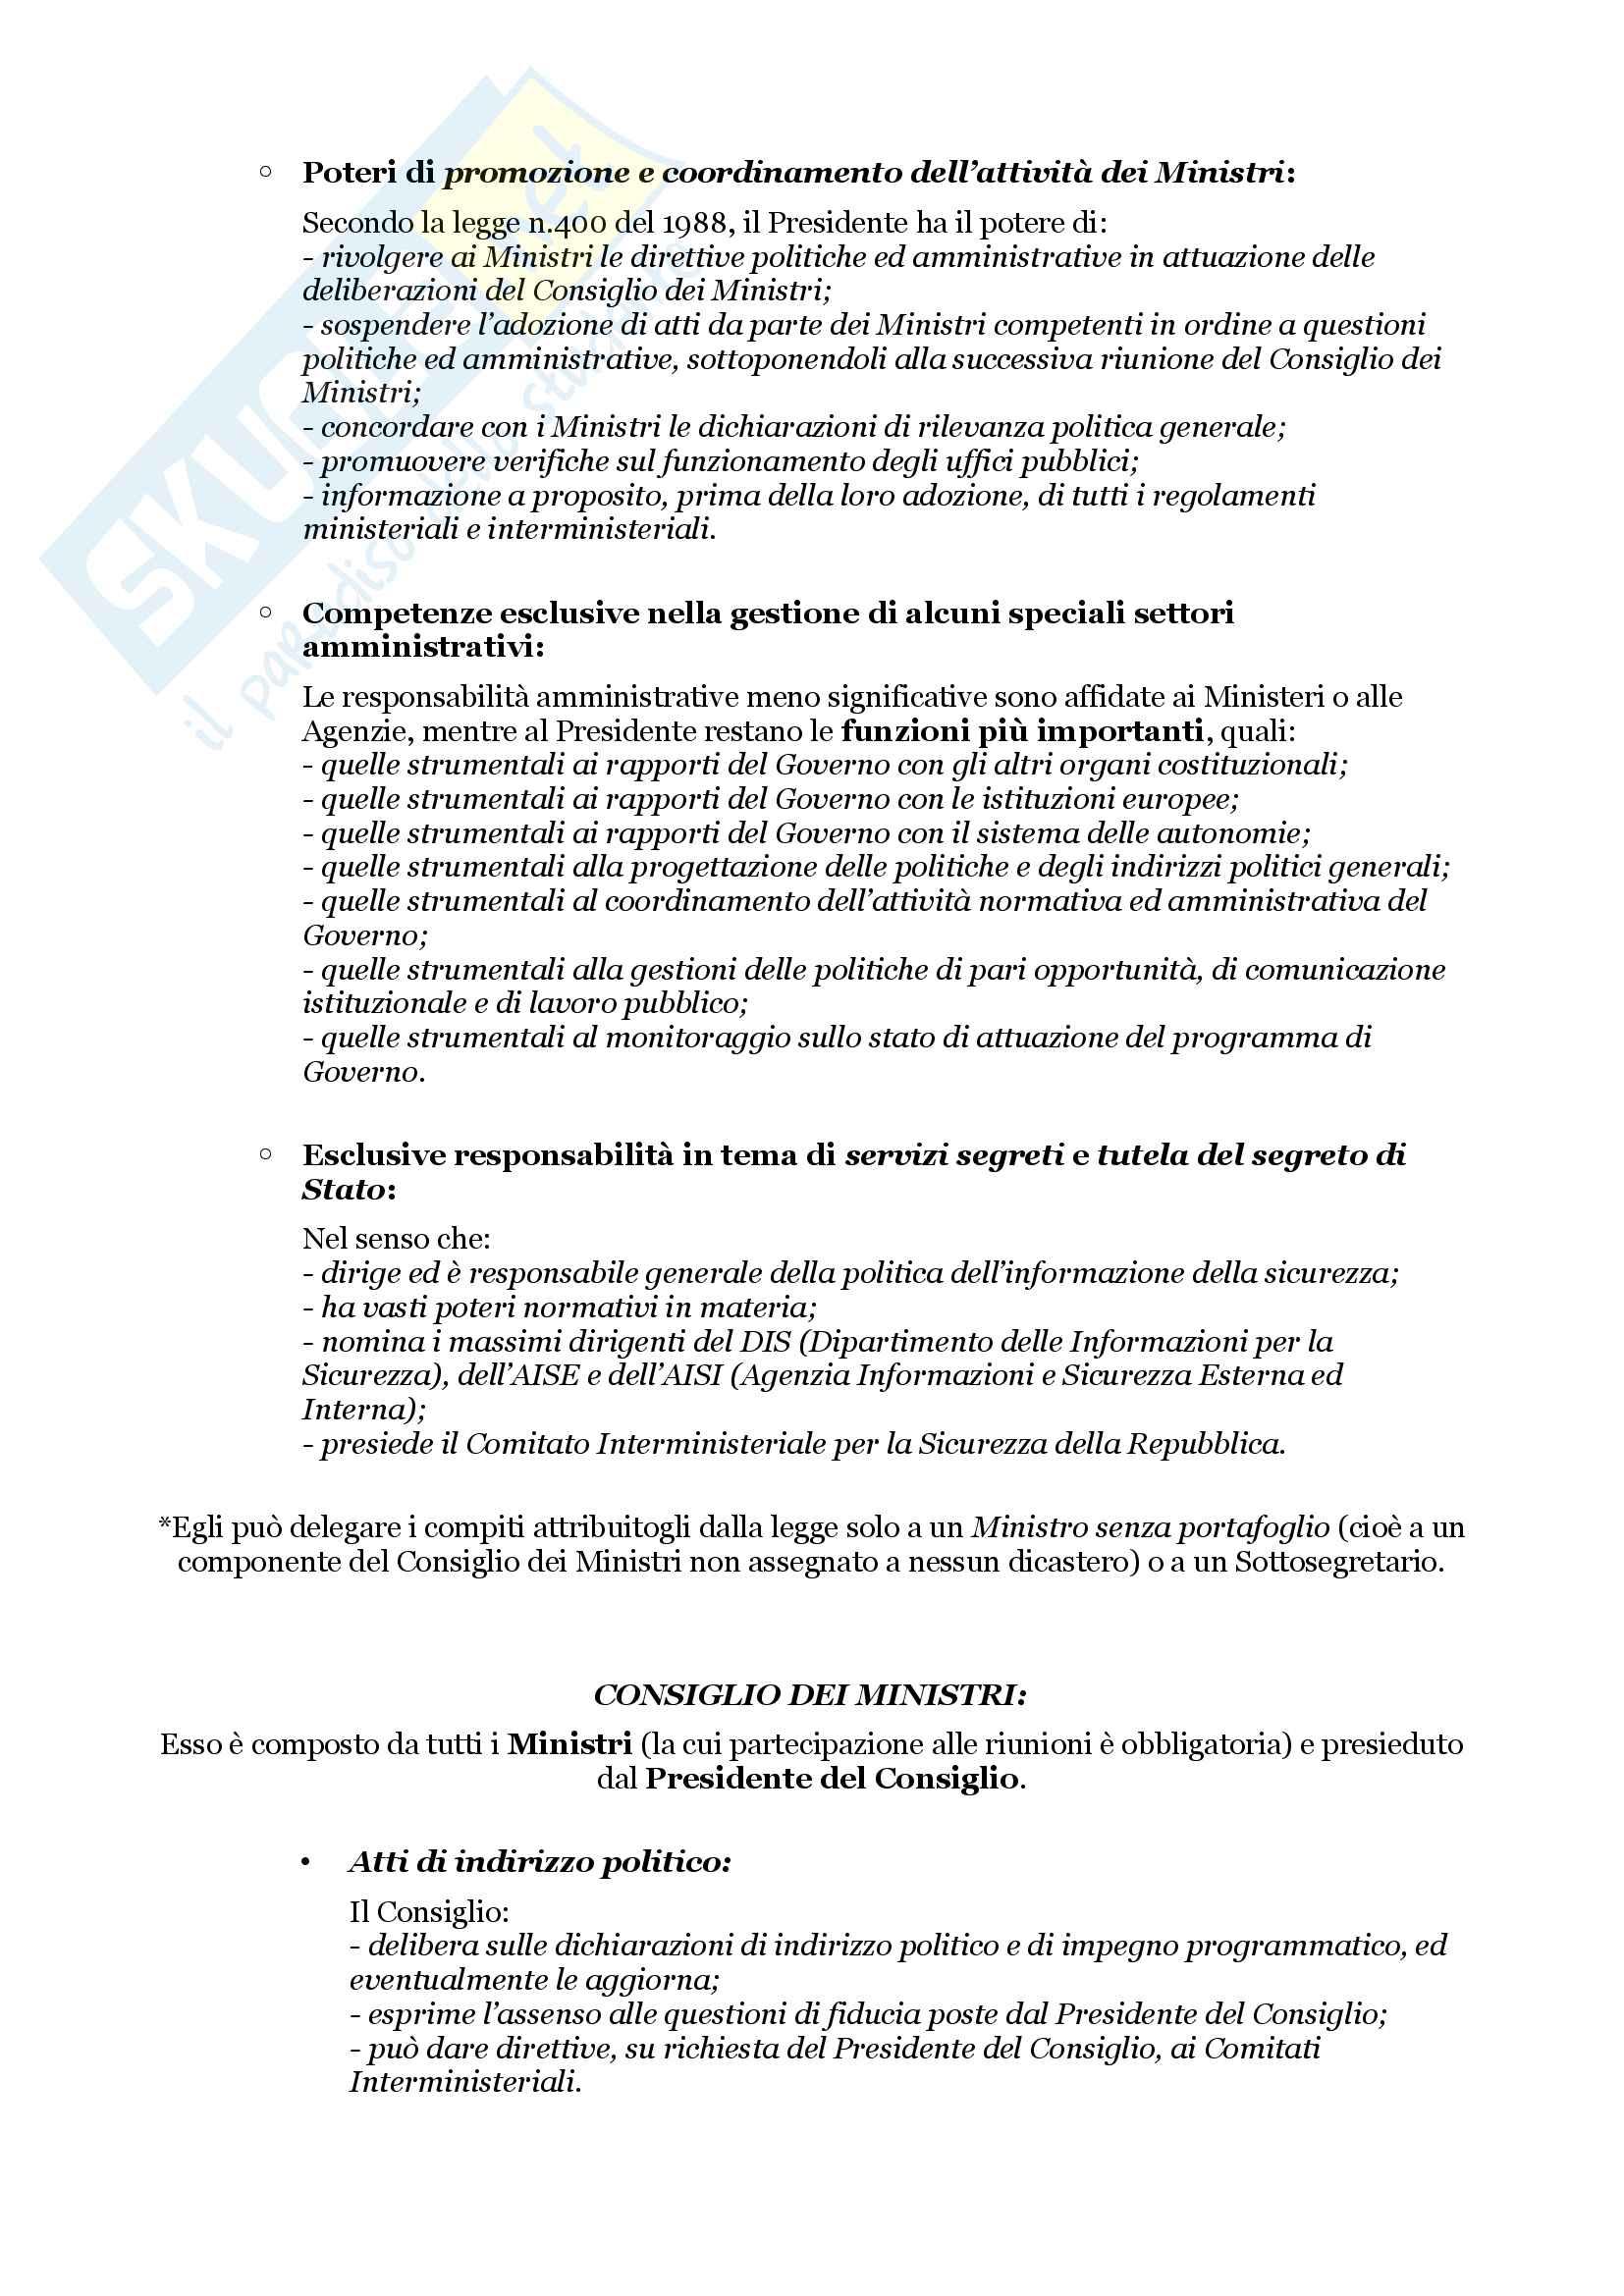 Schemi riassuntivi di istituzioni di diritto pubblico (libro di riferimento: Diritto costituzionale e pubblico, Carretti, De Siervo) Pag. 36